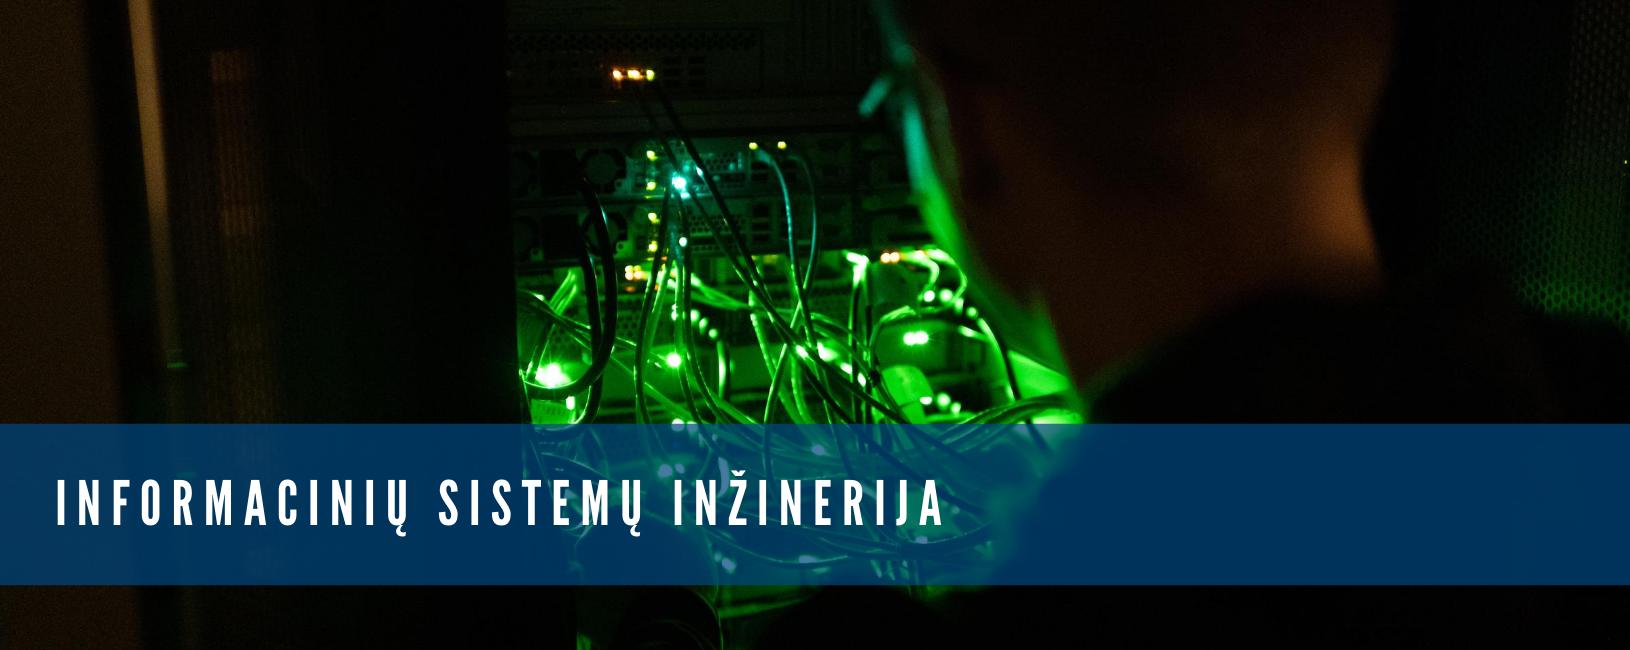 kompromiso analizės sistemų inžinerija)